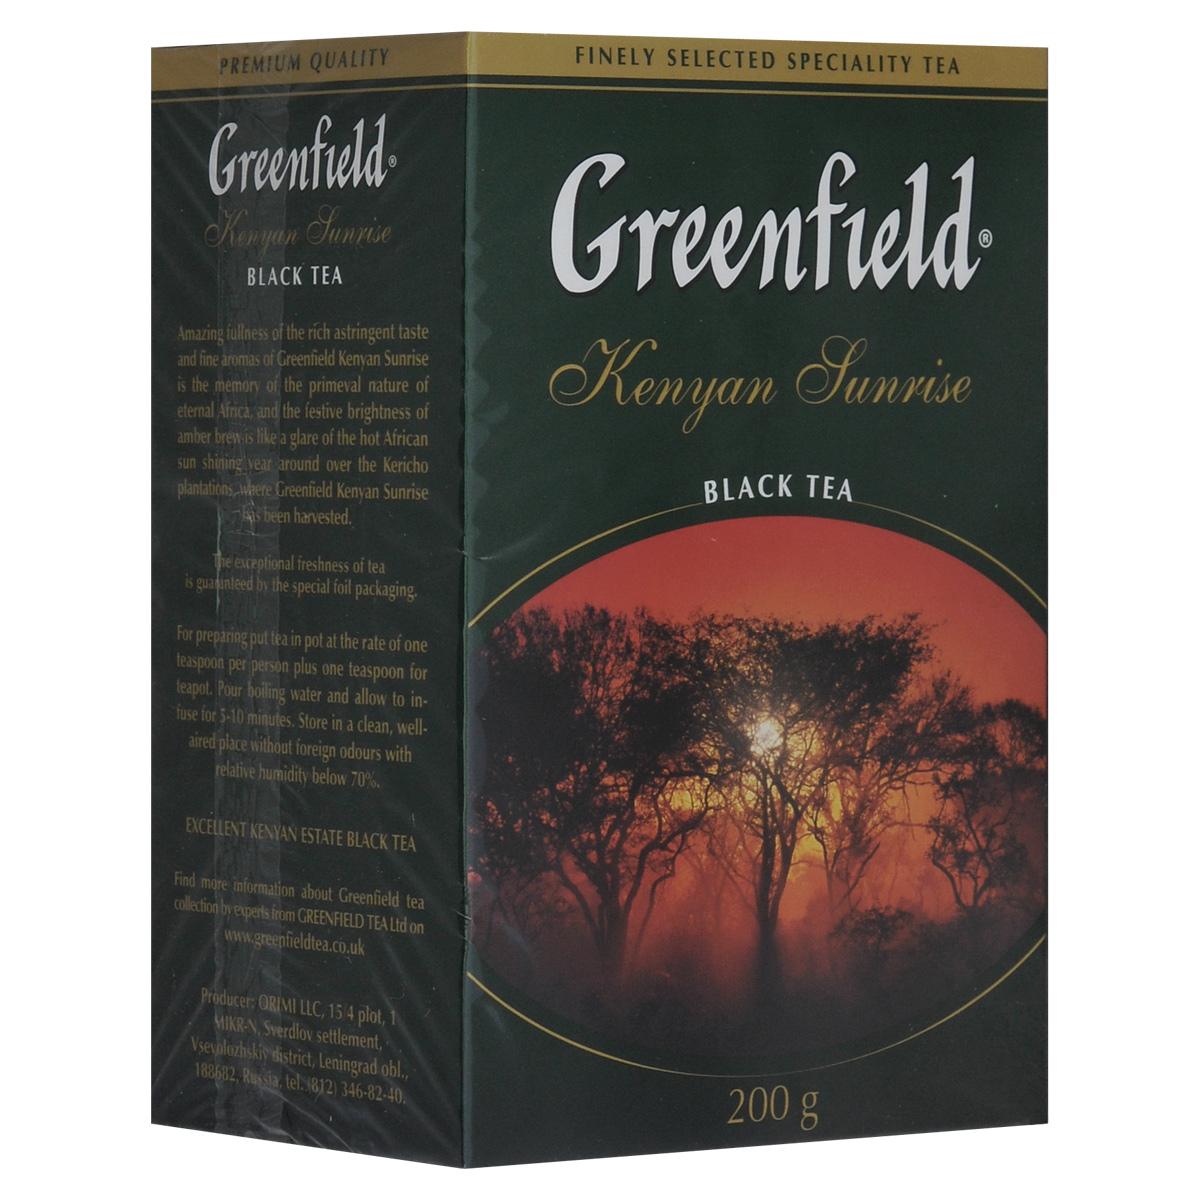 Greenfield Kenyan Sunrise черный листовой чай, 200 г65415065/17245703/1724570Высокогорный листовой кенийский чай из района Керичо. Все плантации Керичо расположены на высоте более 2000 метров над уровнем моря, здесь всегда прохладно и очень влажно за счет ежедневных обильных дождей. Эти климатические особенности создают великолепные условия для роста чайного растения. Кроме того, кенийские чаи ценятся во всем мире как экологически чистые продукты, поскольку выращиваются на большой высоте, в разряженном горном воздухе. Кениан Санрайз отличается своеобразным, очень нежным ароматом, удивительной насыщенностью и особой полнотой янтарного настоя, присущей всем сортам дорогого кенийского чая. Идеально сочетается с молоком.